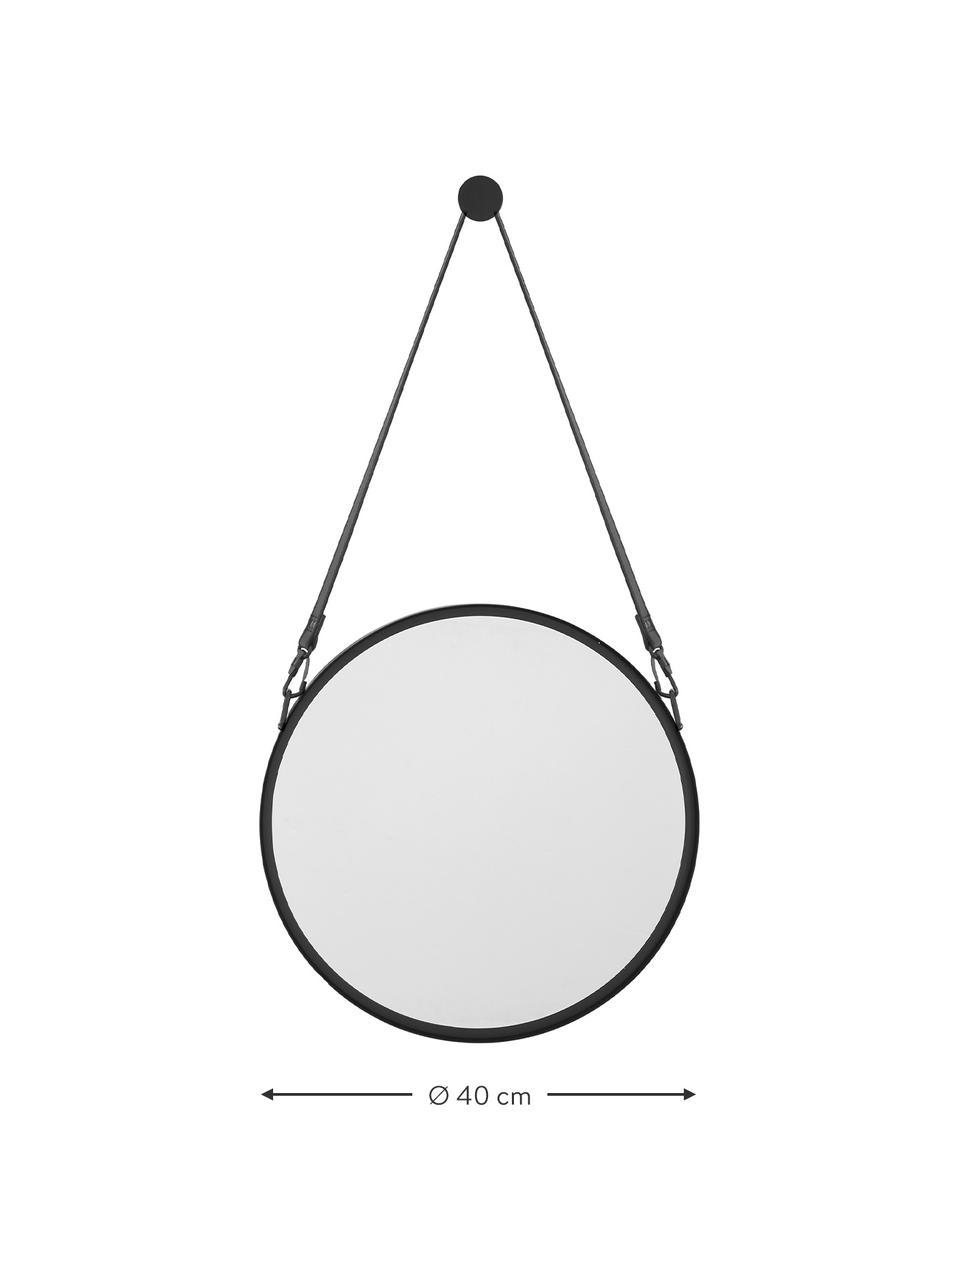 Specchio rotondo da parete con cinghia in pelle Liz, Superficie dello specchio: vetro a specchio, Retro: pannello di fibra a media, Nero, Ø 55 cm